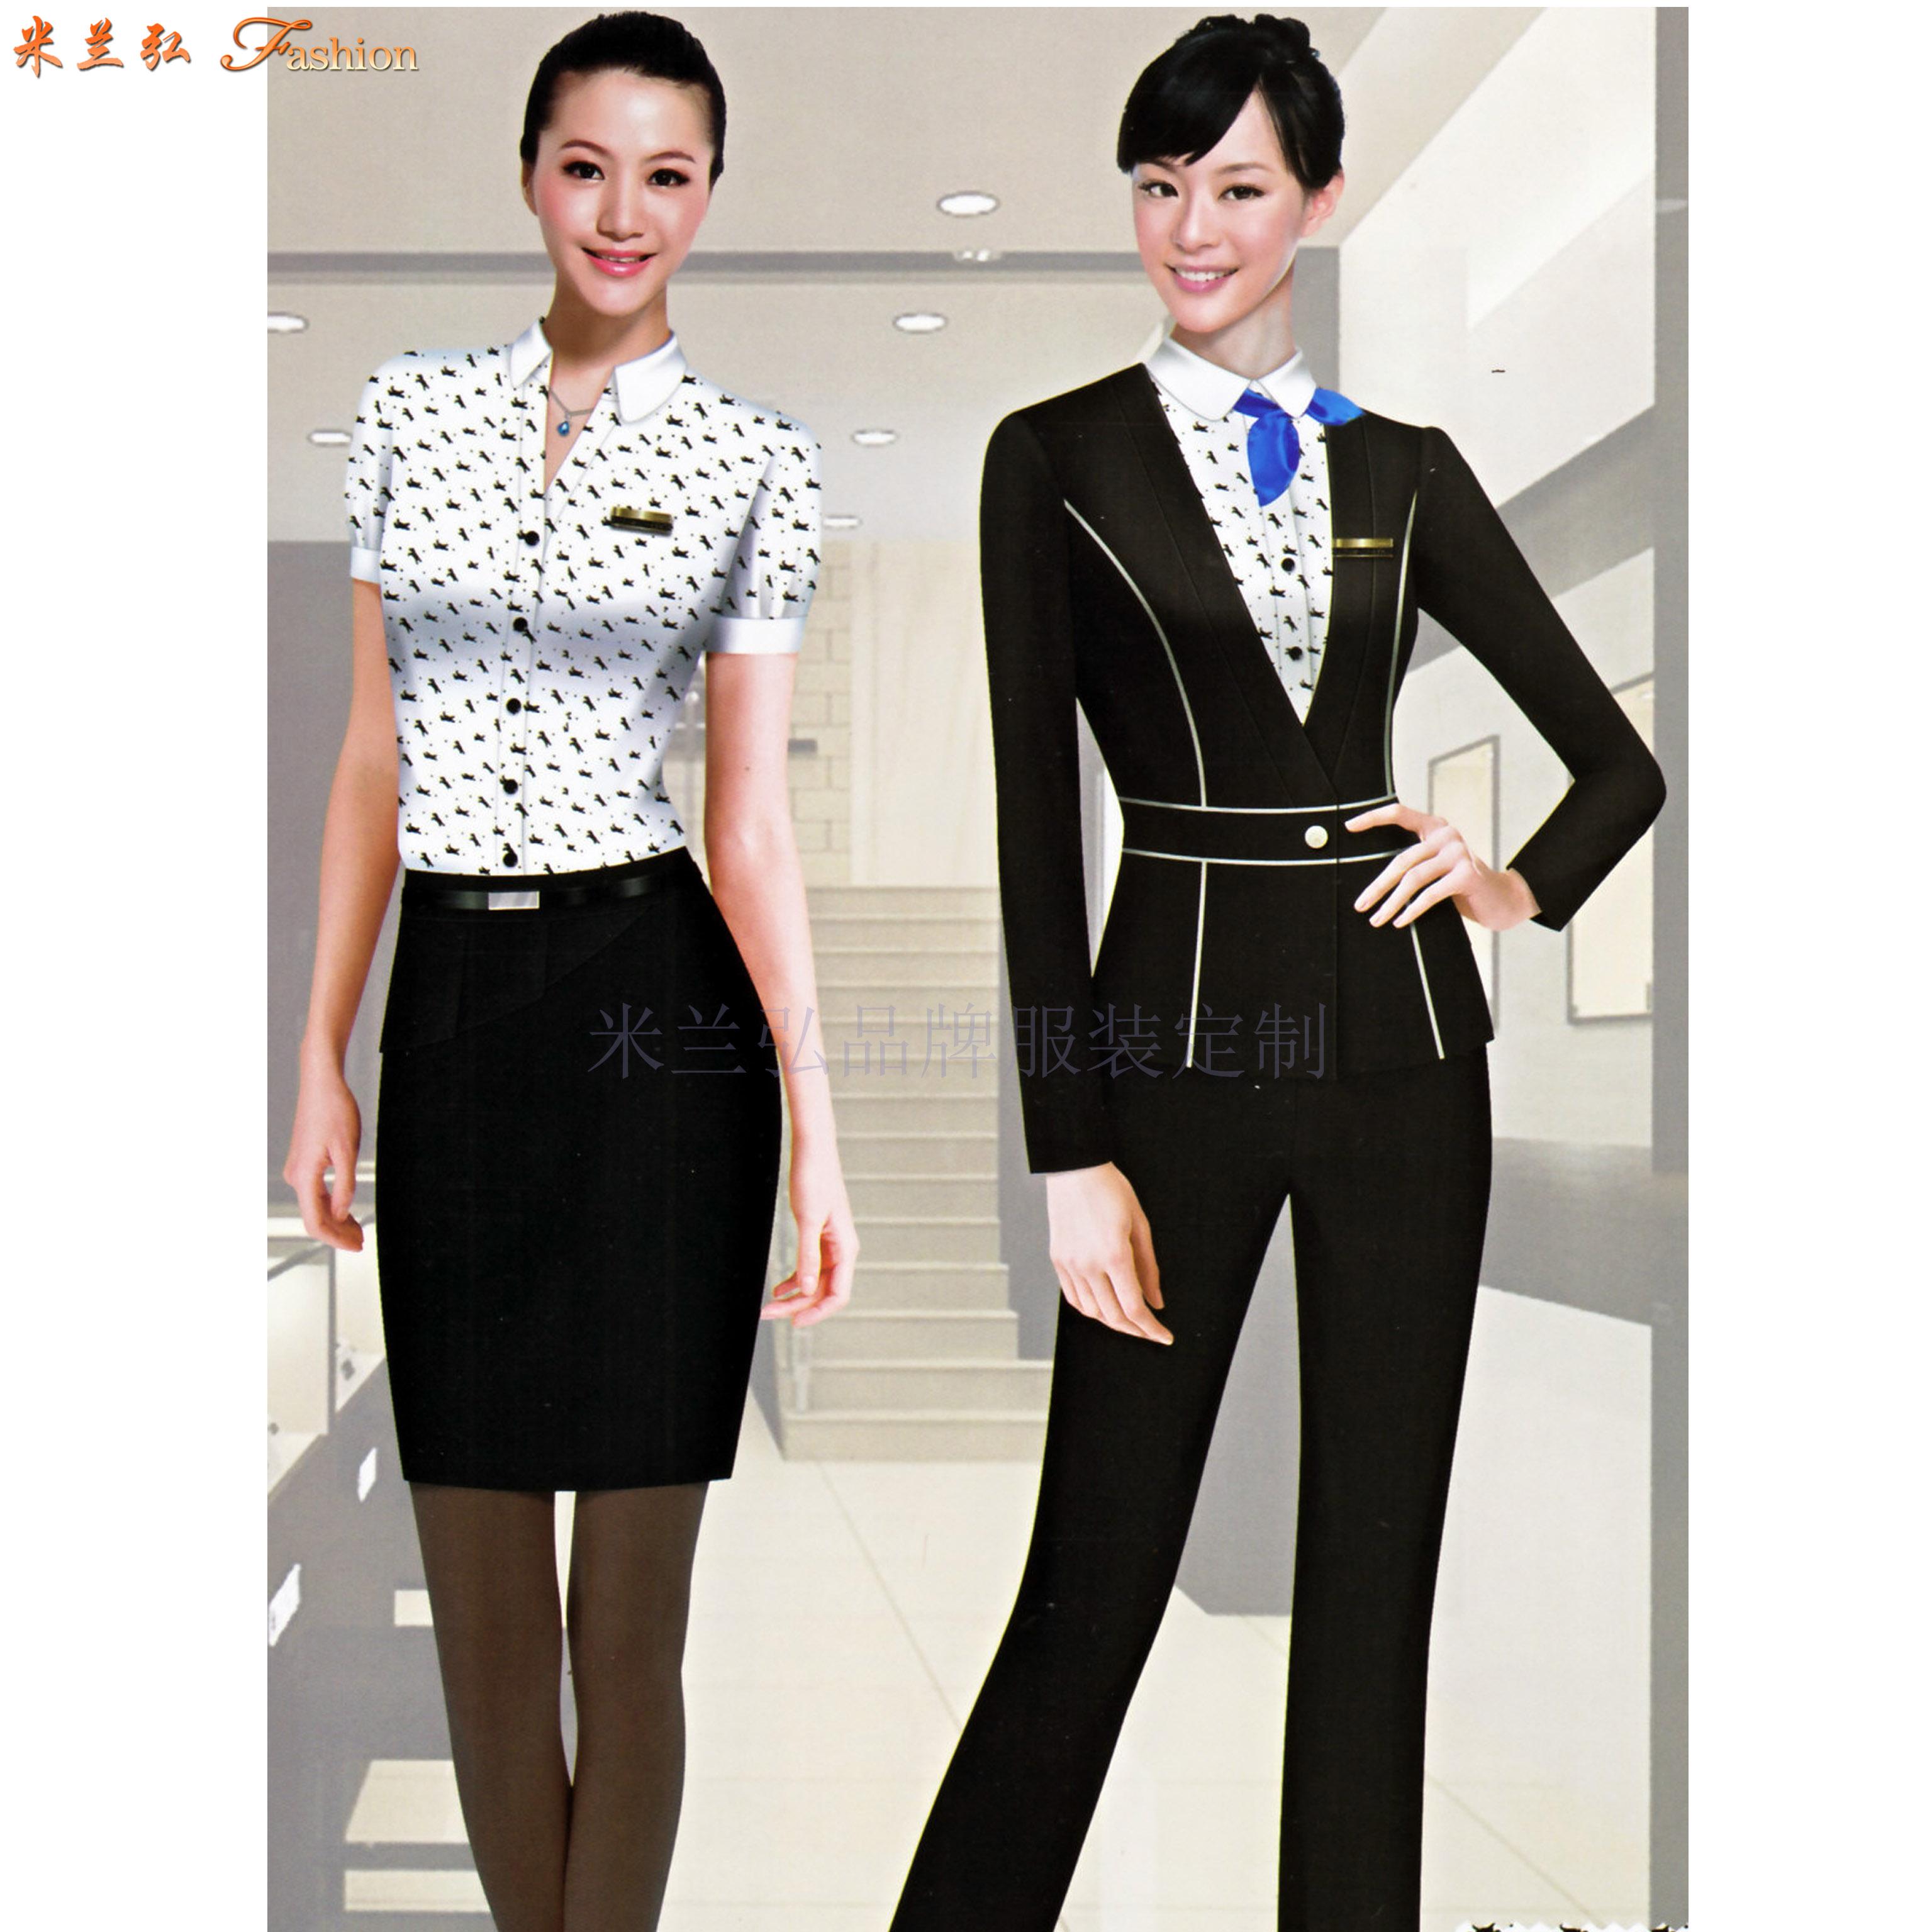 職業裝女裝西裝-白領職業裝女裝套裝-米蘭弘服裝-4